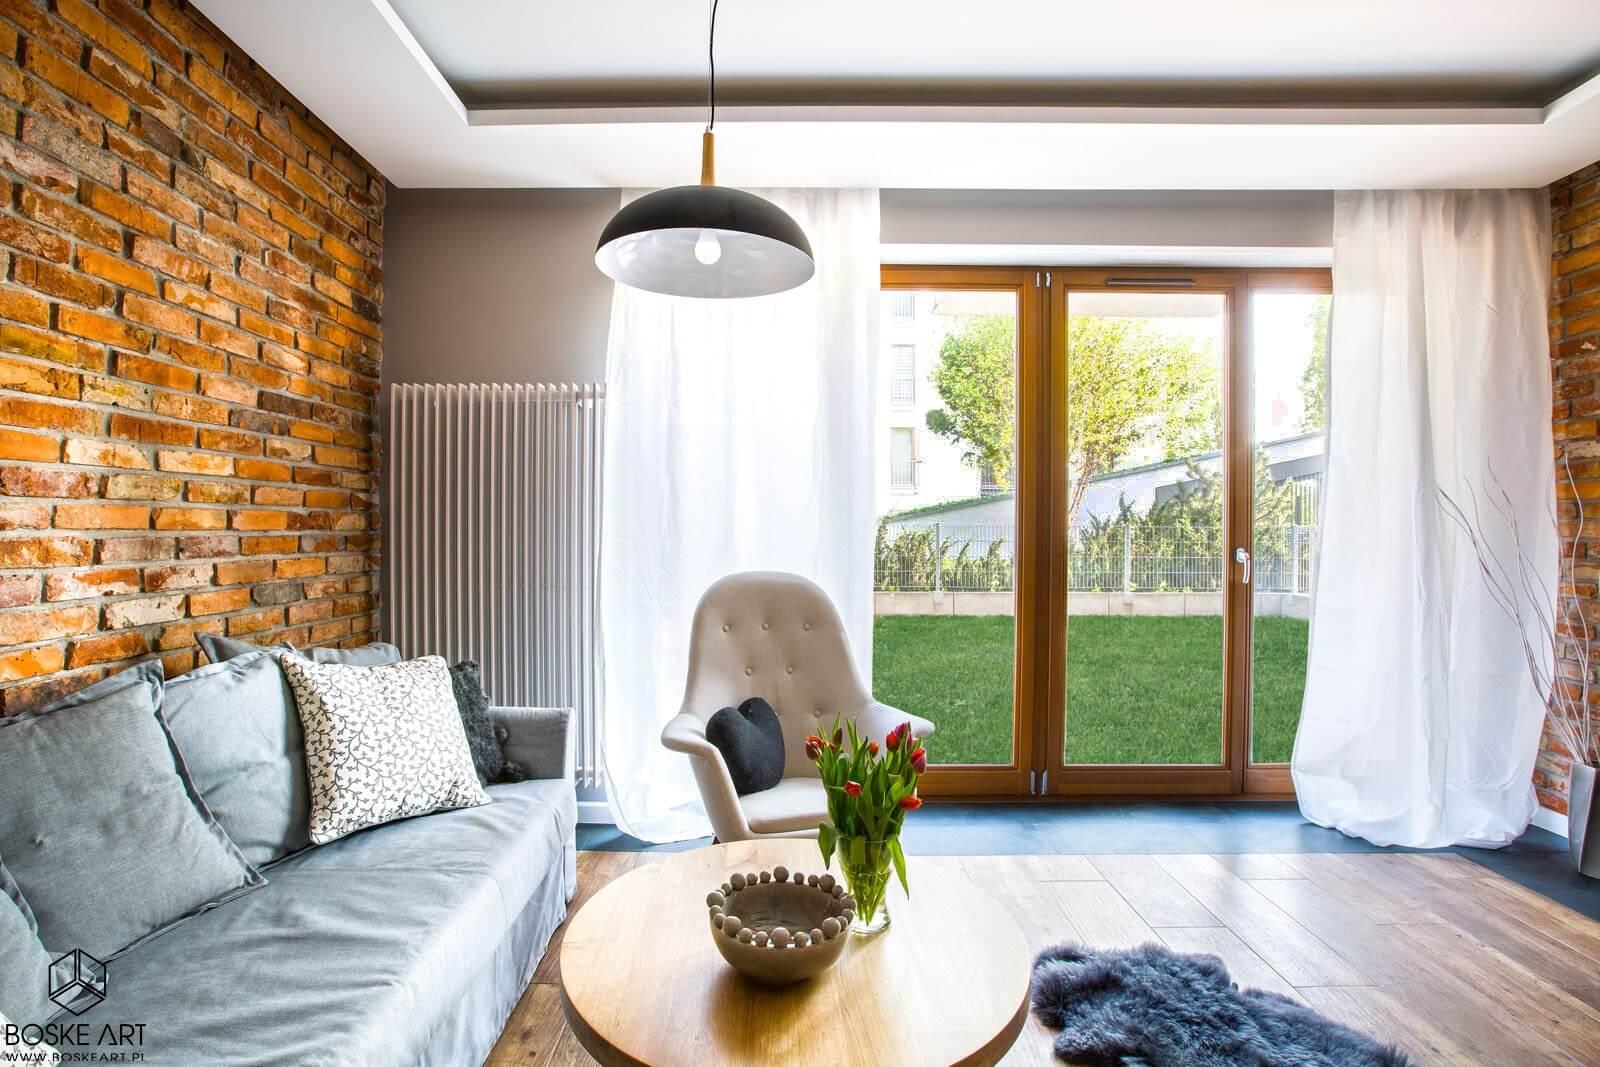 2_apartamenty_poznan_boske_art_projektowanie_aranzacja_architektura_wnetrz_natalia_robaszkeiwicz-min